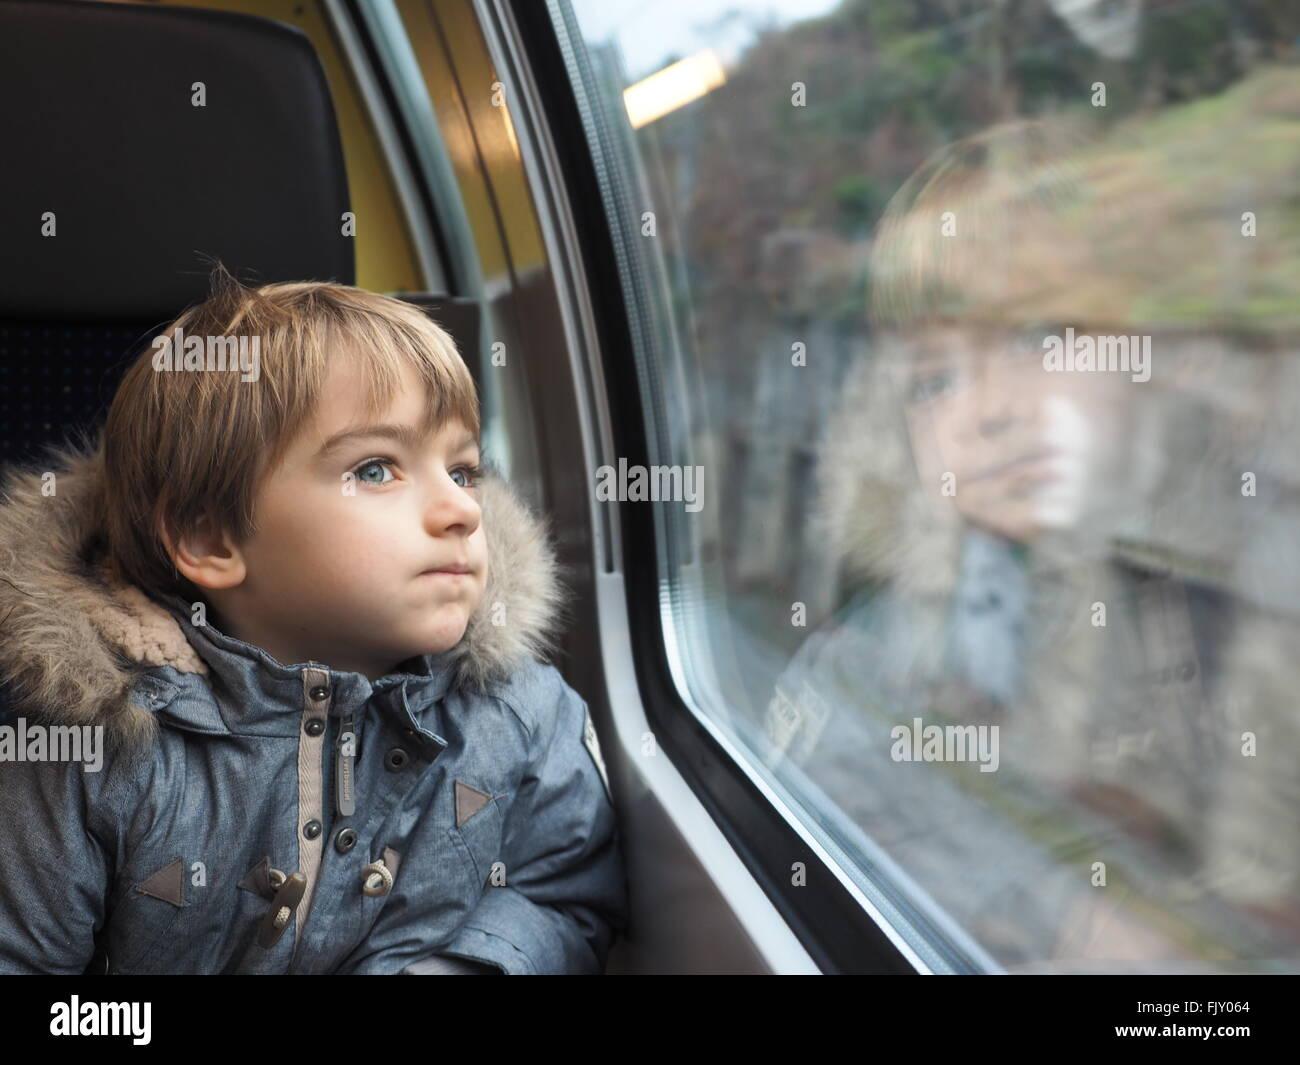 Nahaufnahme eines jungen tragen Pelzjacke suchen durch Autofenster Stockbild